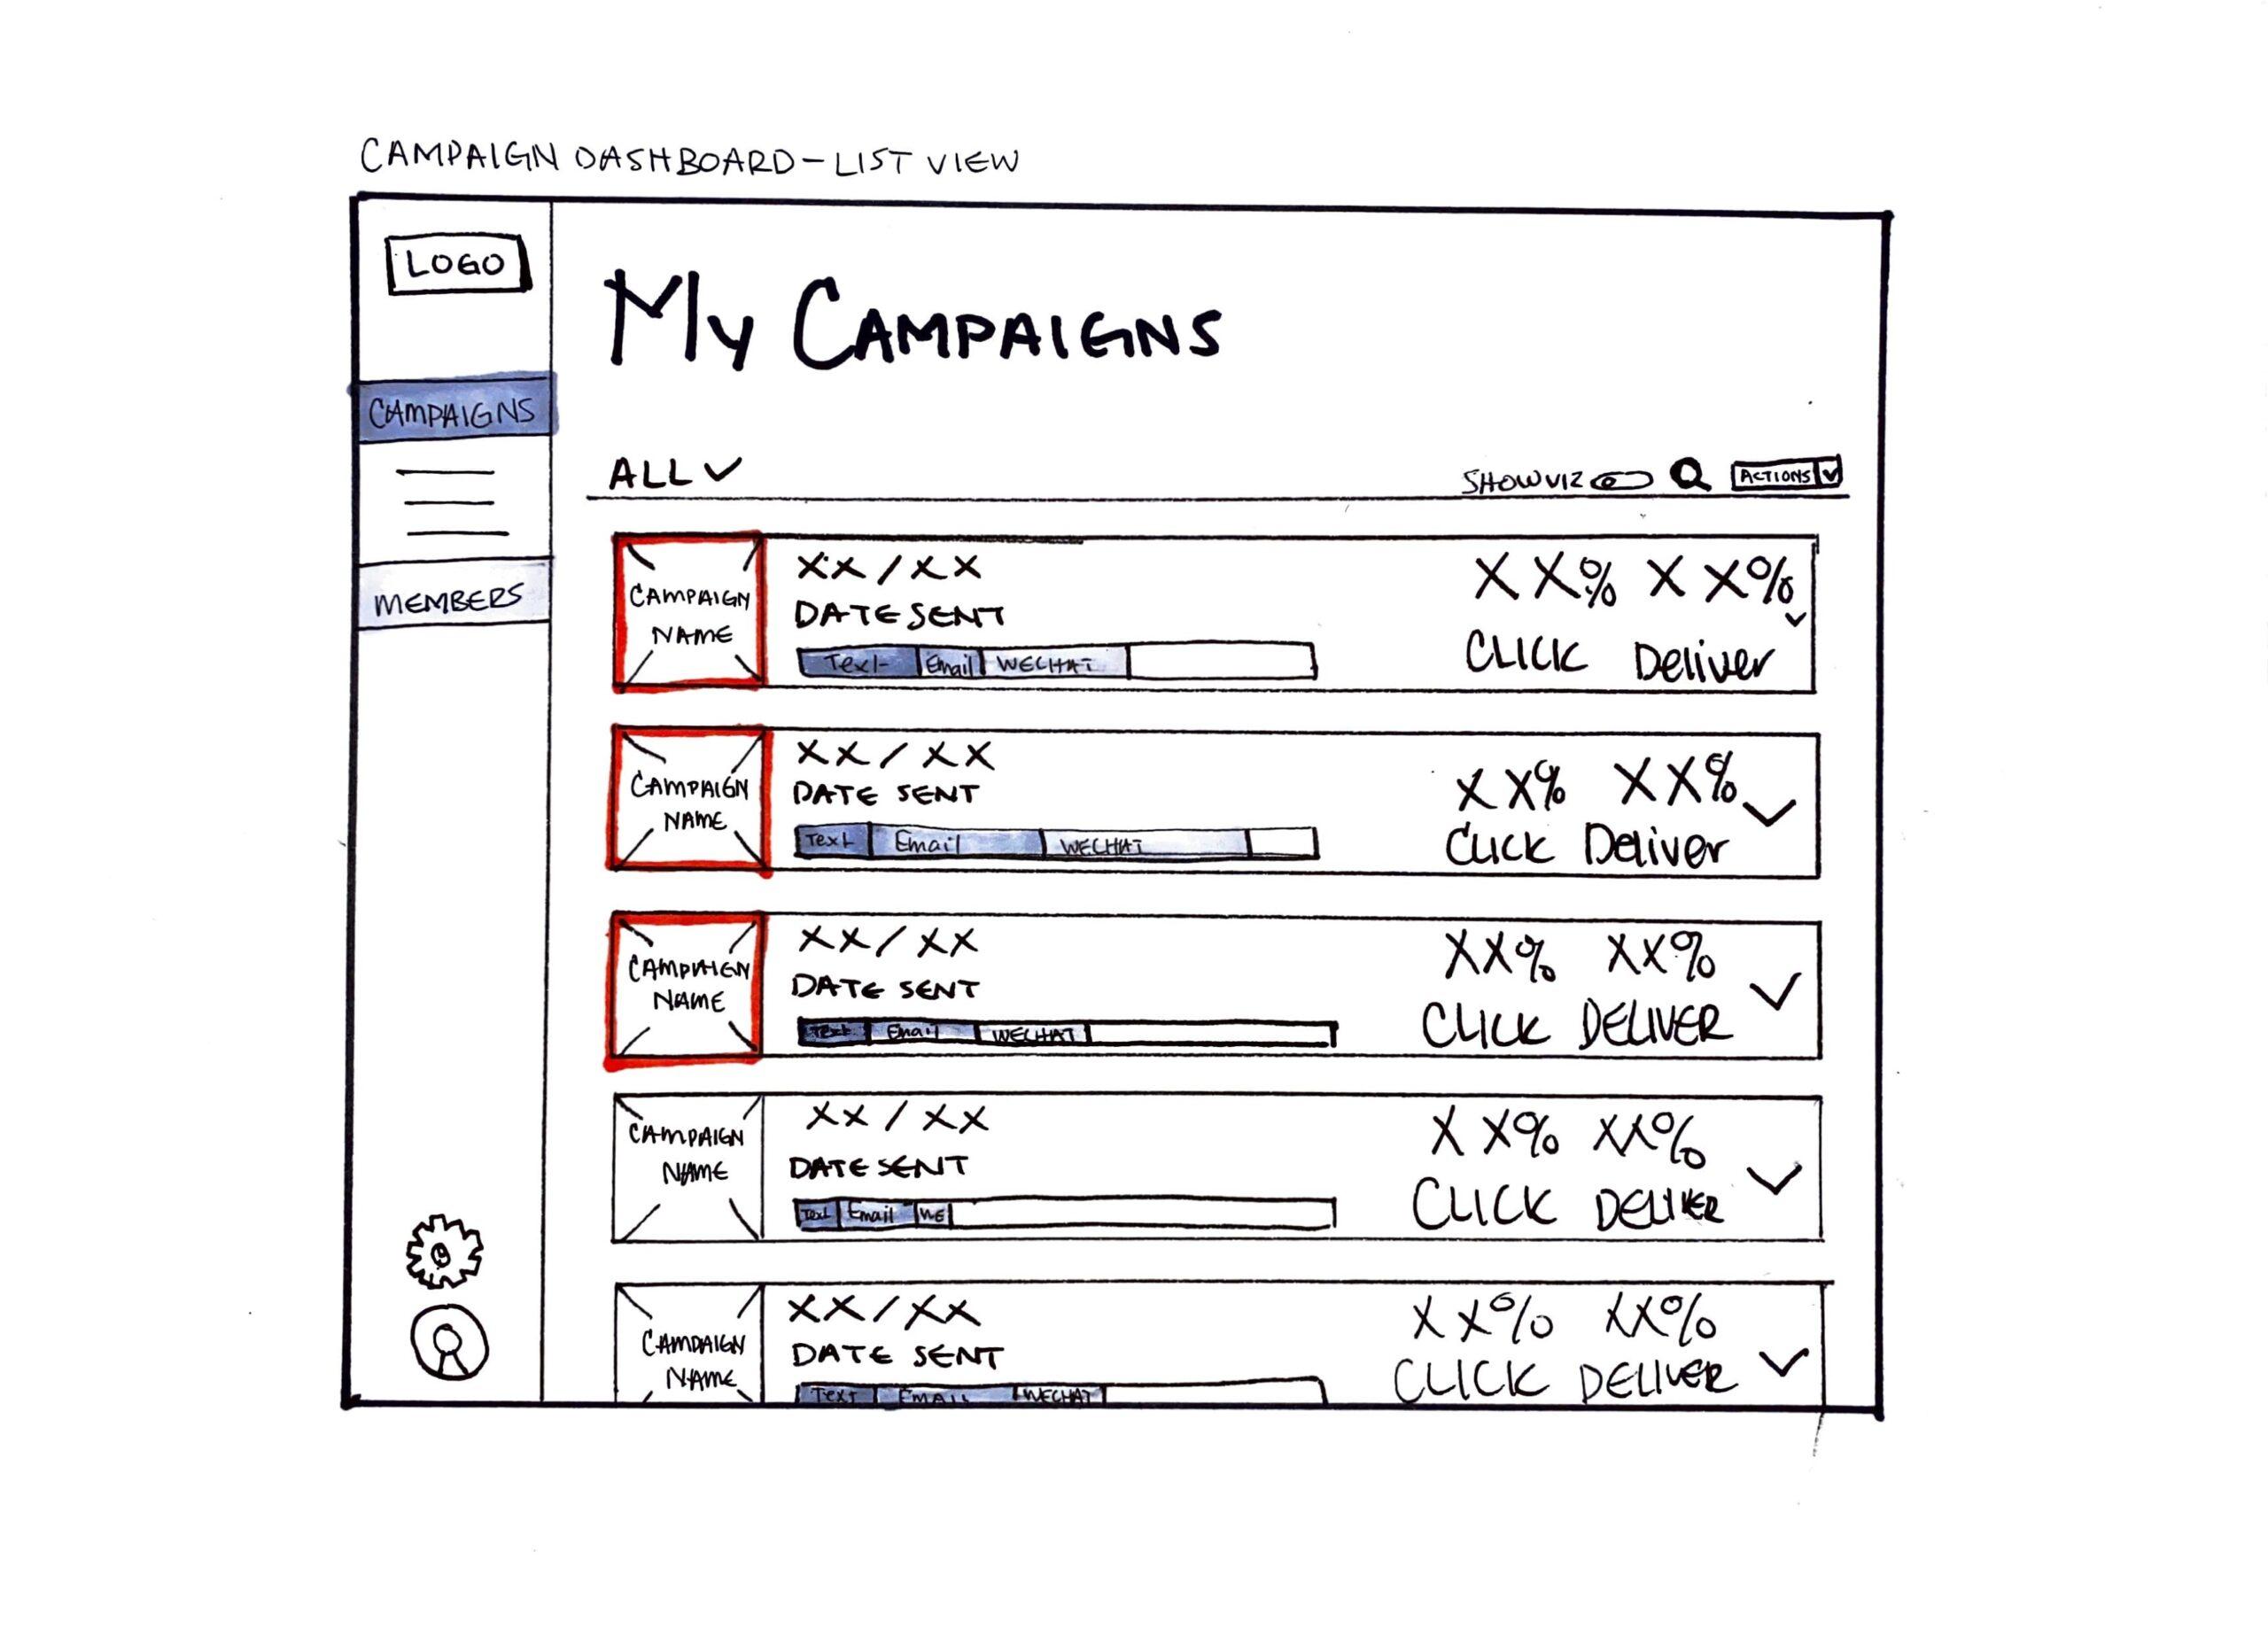 Sketch-CampaignDashboard-List